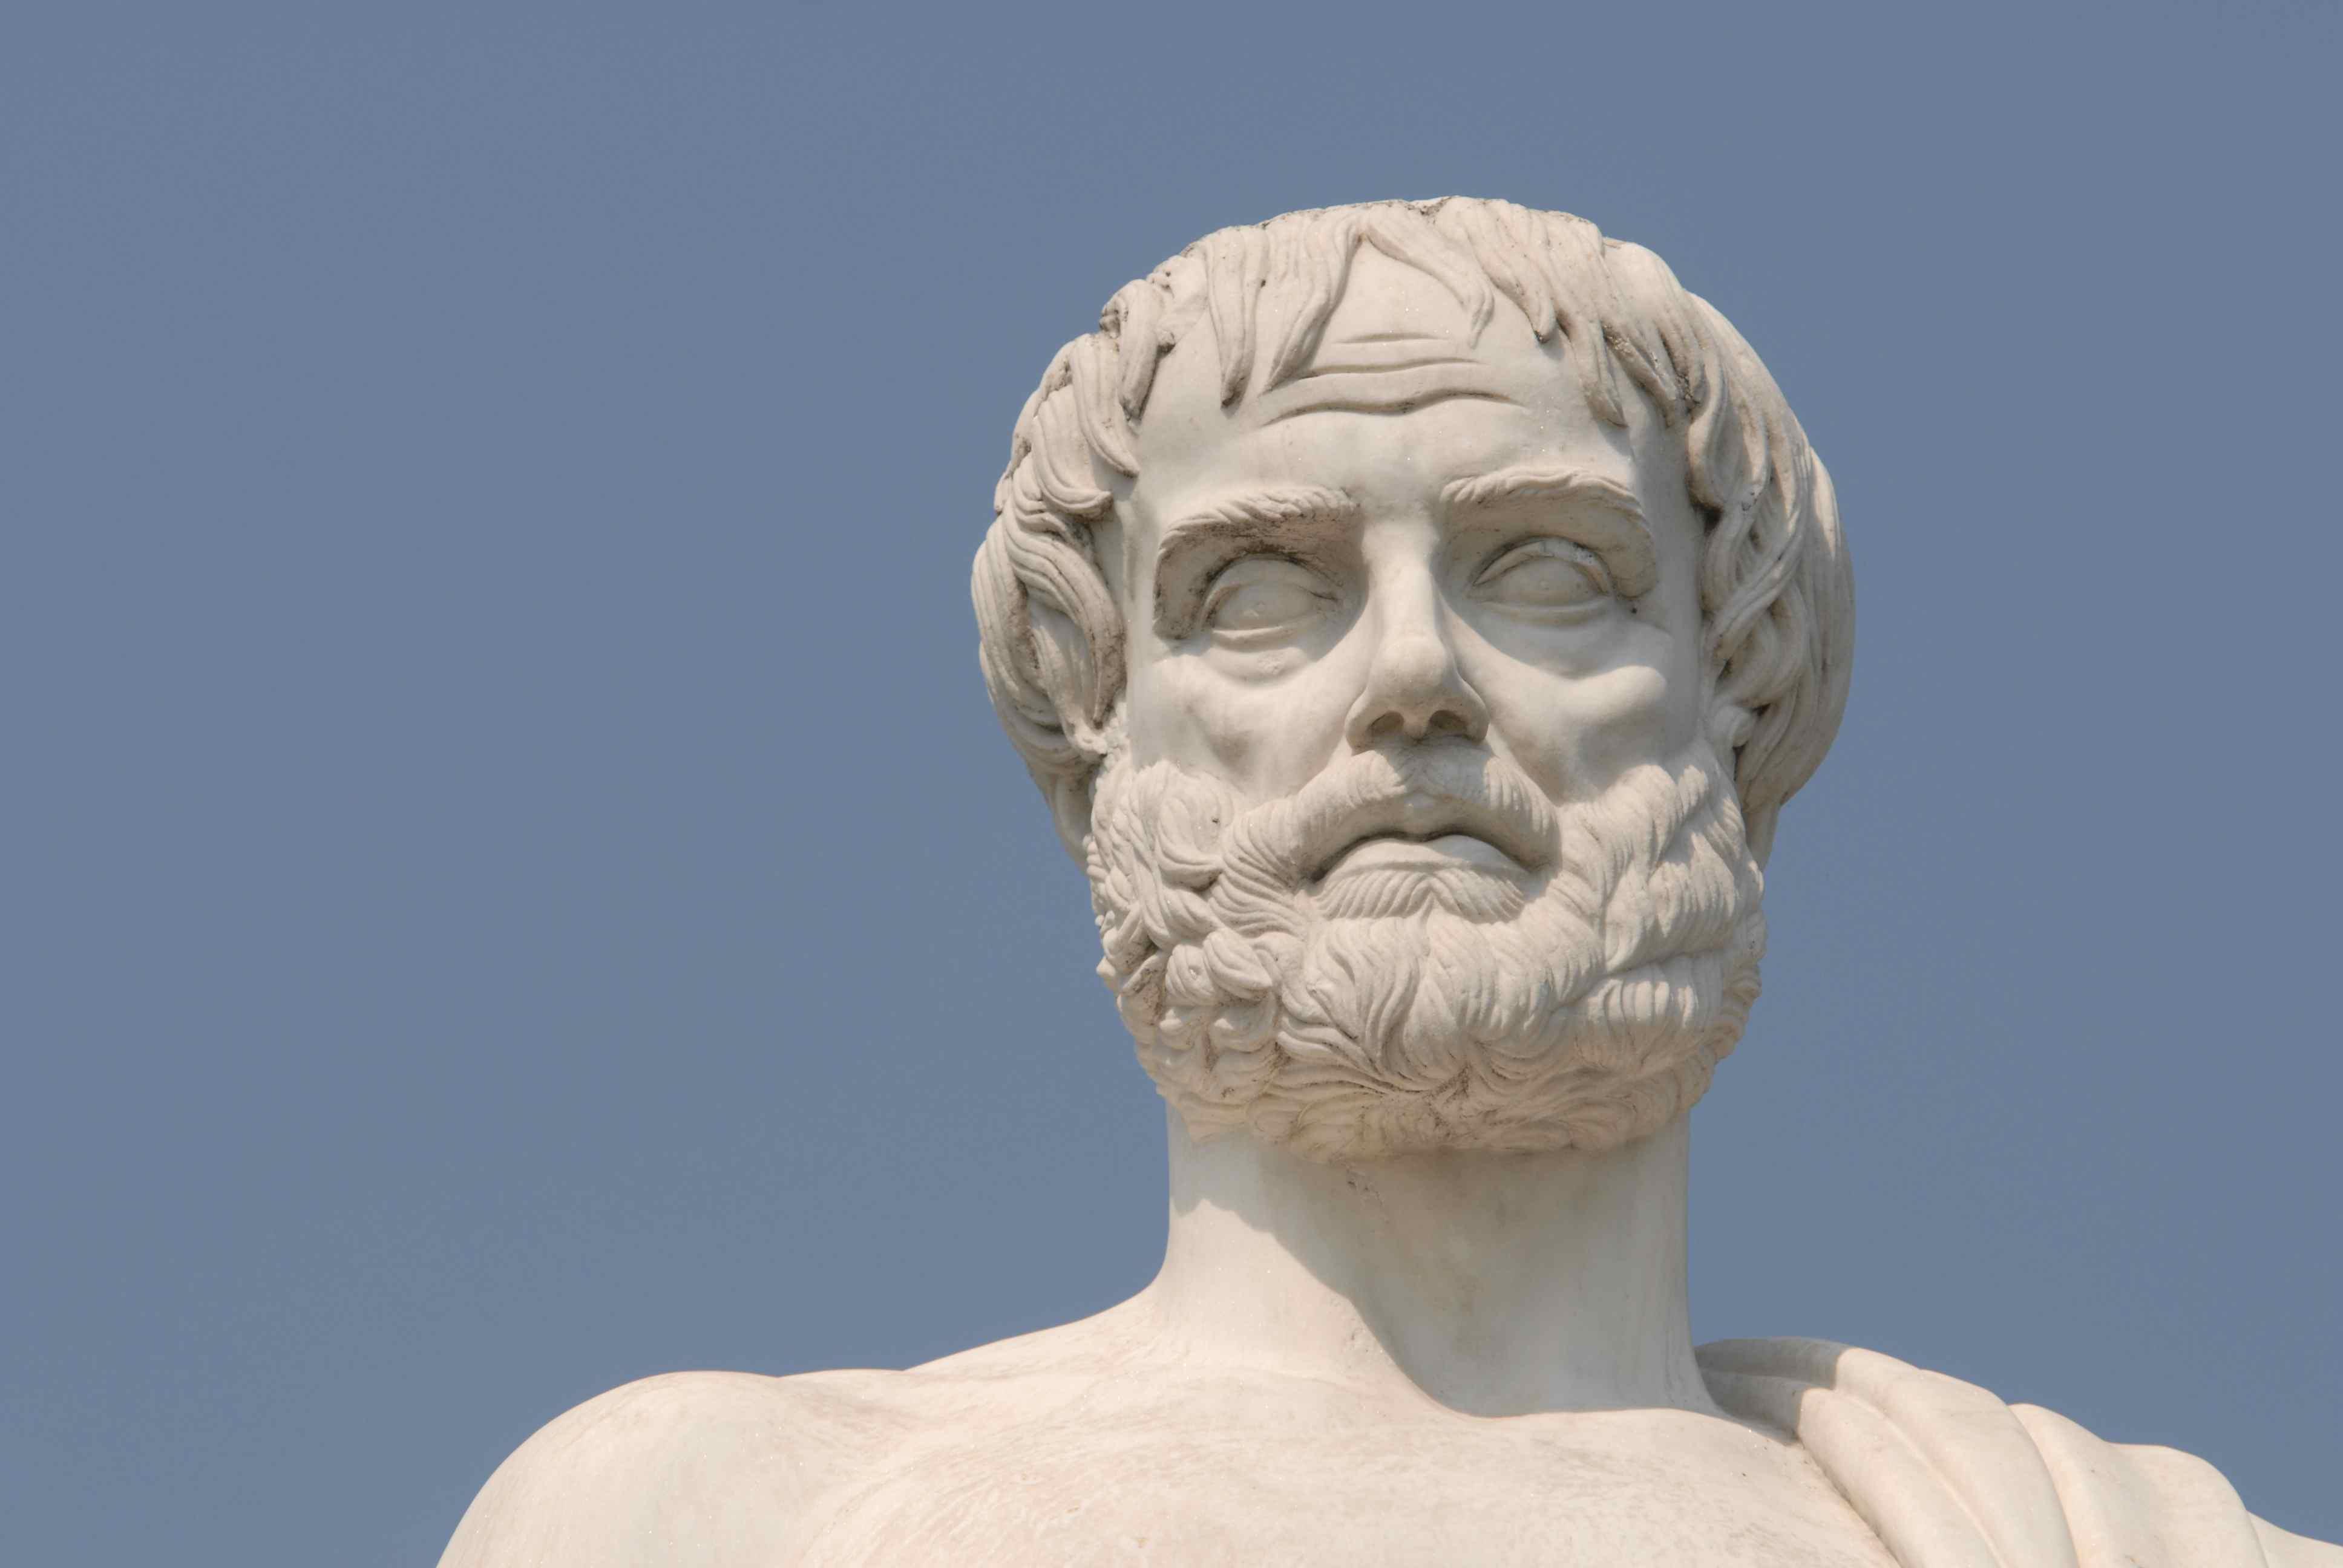 Αριστοτέλης, απεικόνιση, ο φιλόσοφος